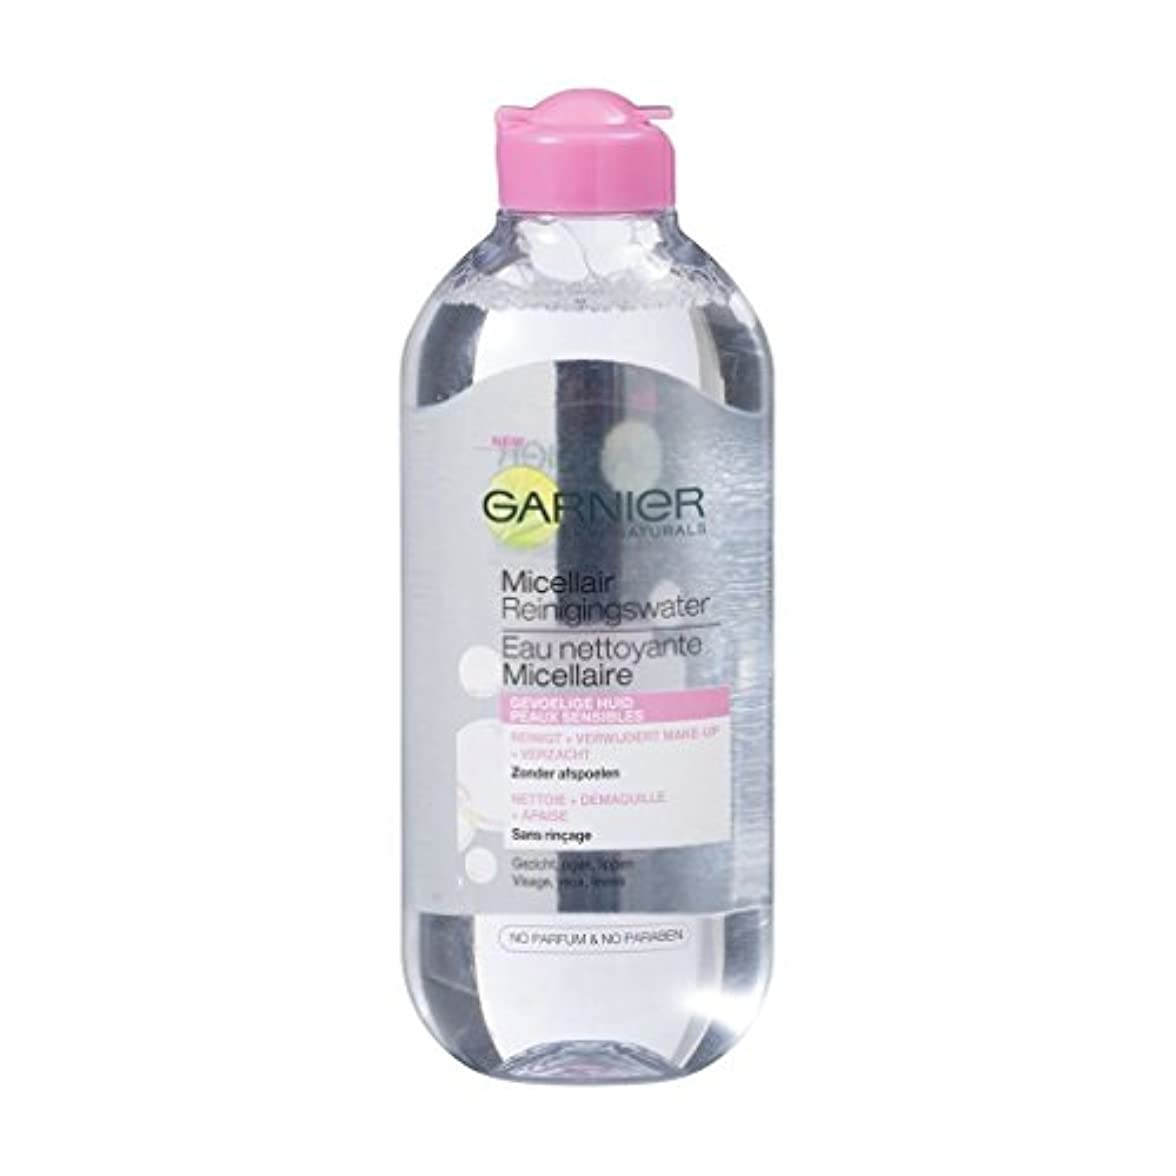 中傷意志メイドガルニエ SkinActive Micellar Water (No Perfume & Paraben) - For Sensitive Skin 400ml/13.3oz並行輸入品